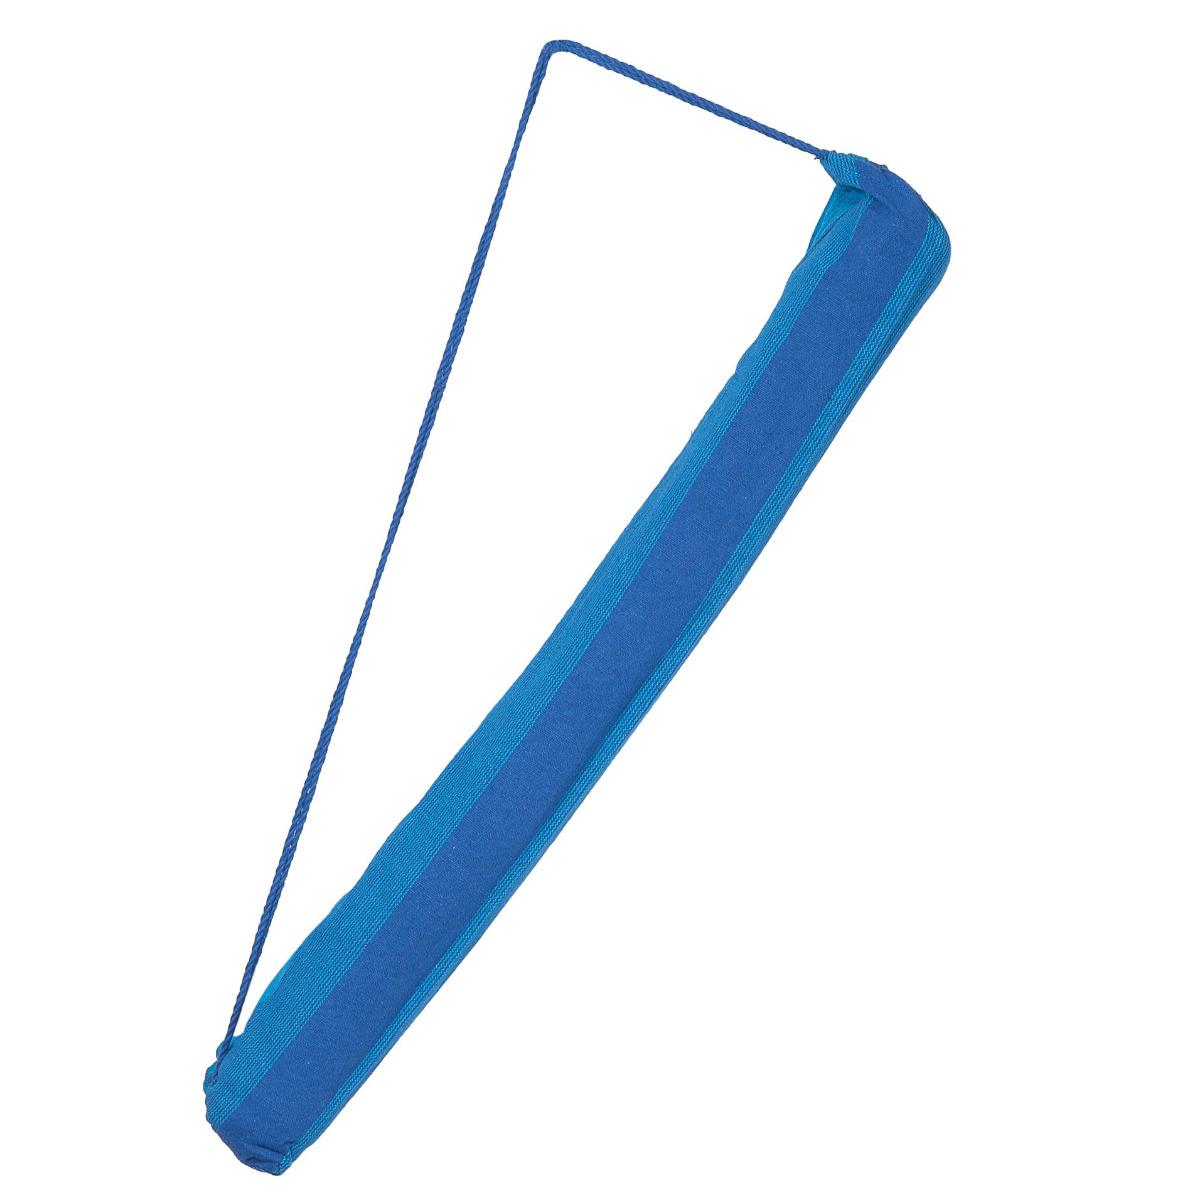 Hangmat 'Relax' blue